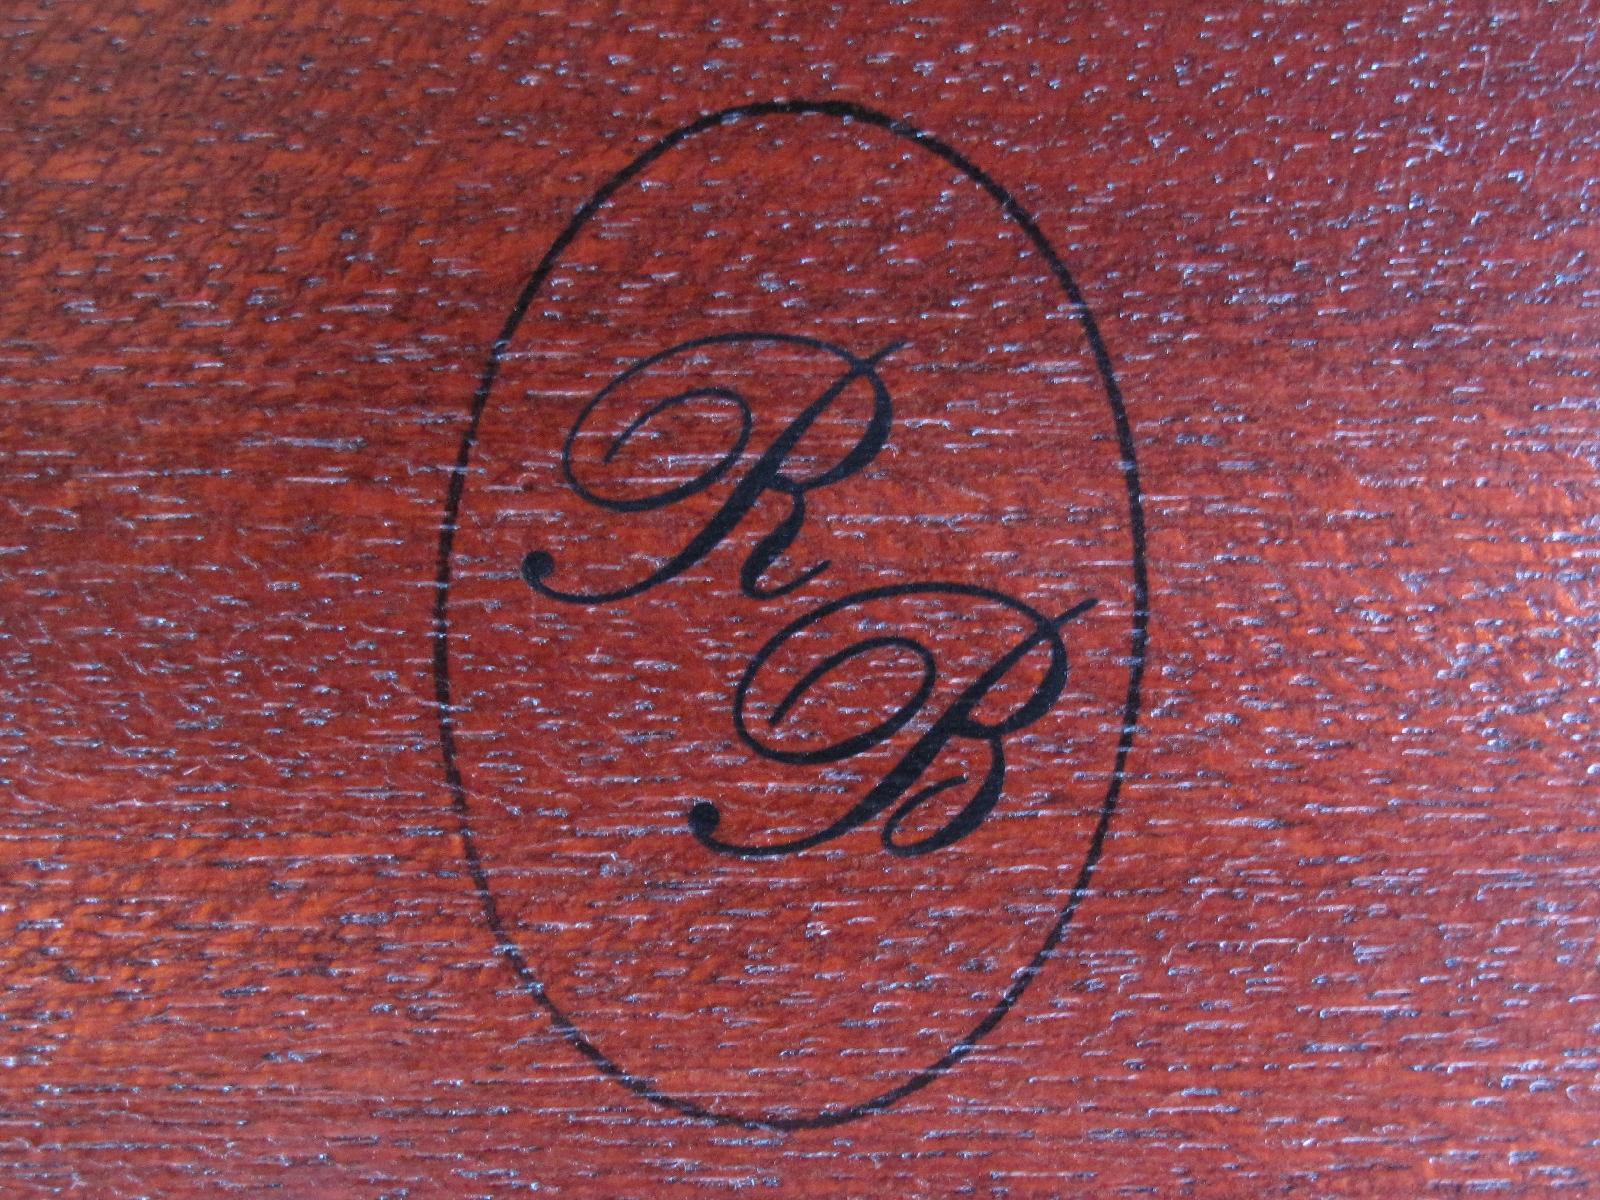 Ce petit cachet, qui était apposé au-dessous de chaque coffret, représentait la signature de cet artisan de talent.